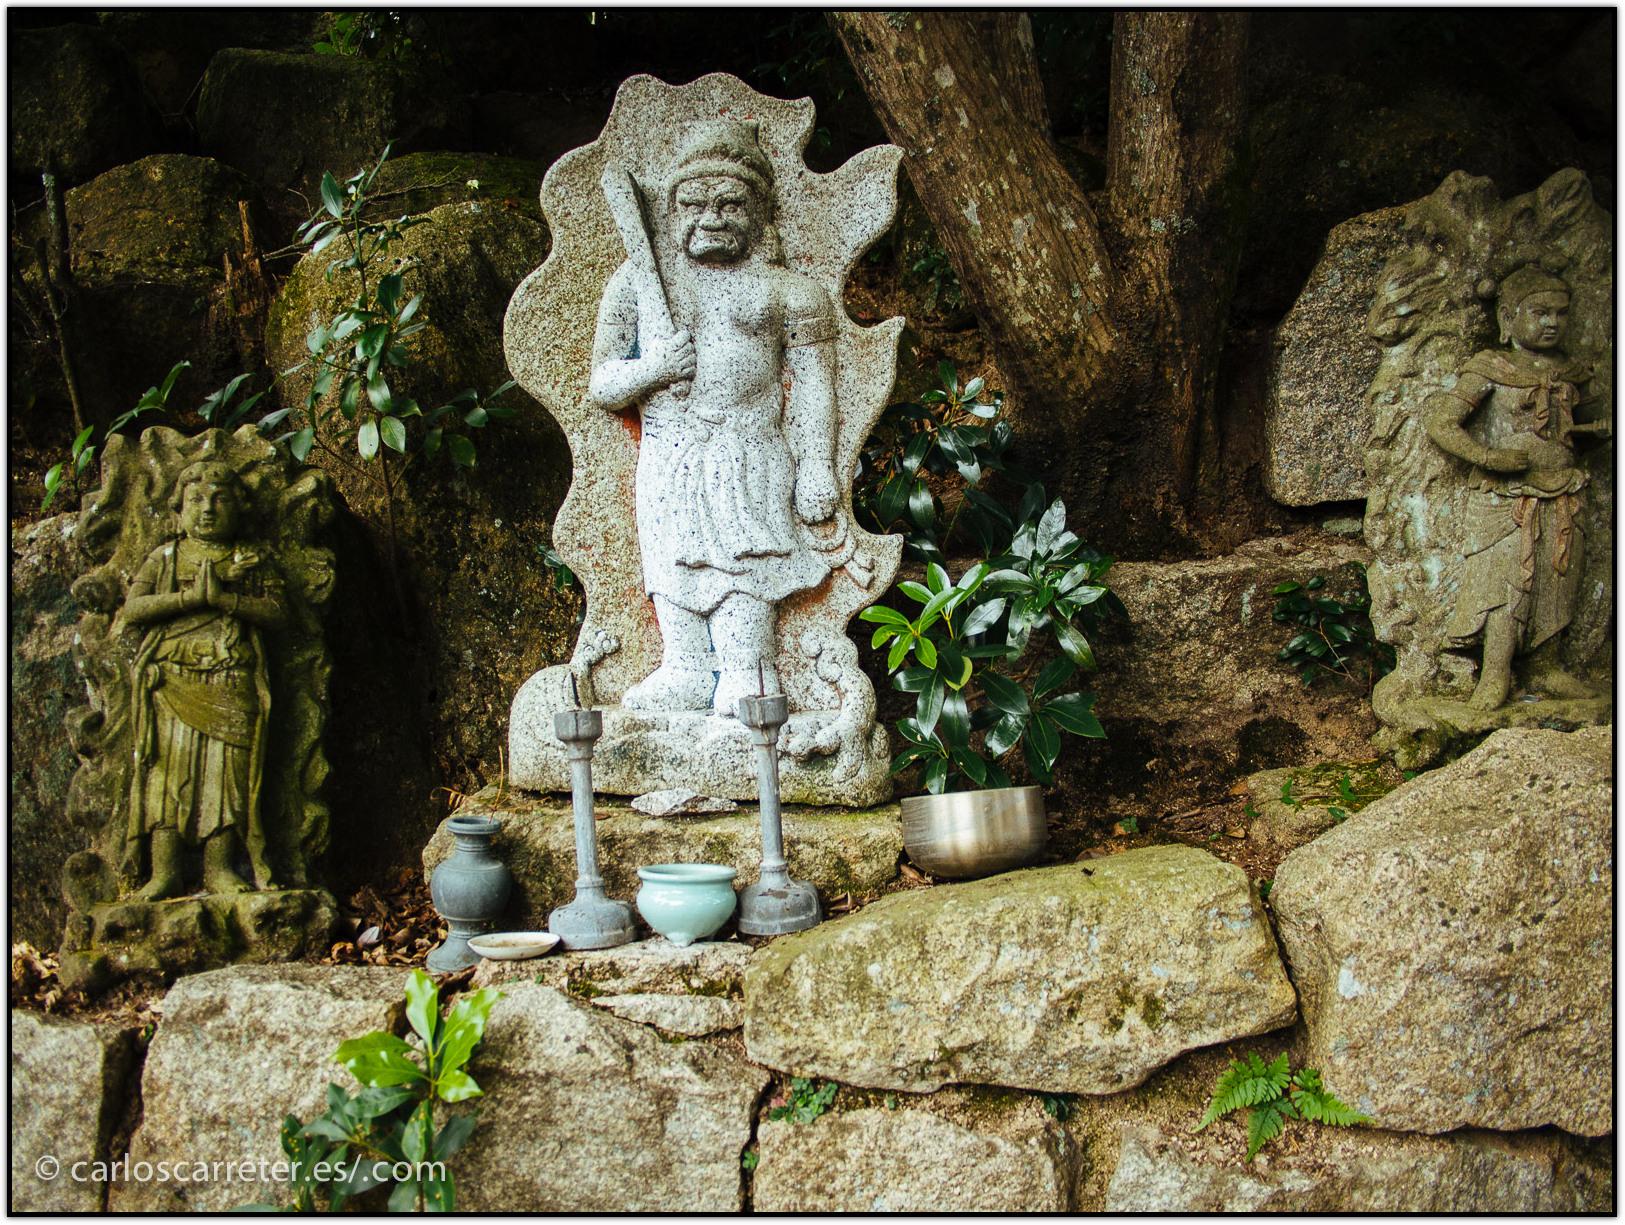 en-el-bosque-primario-del-monte-misen---miyajima_15588067819_o.jpg